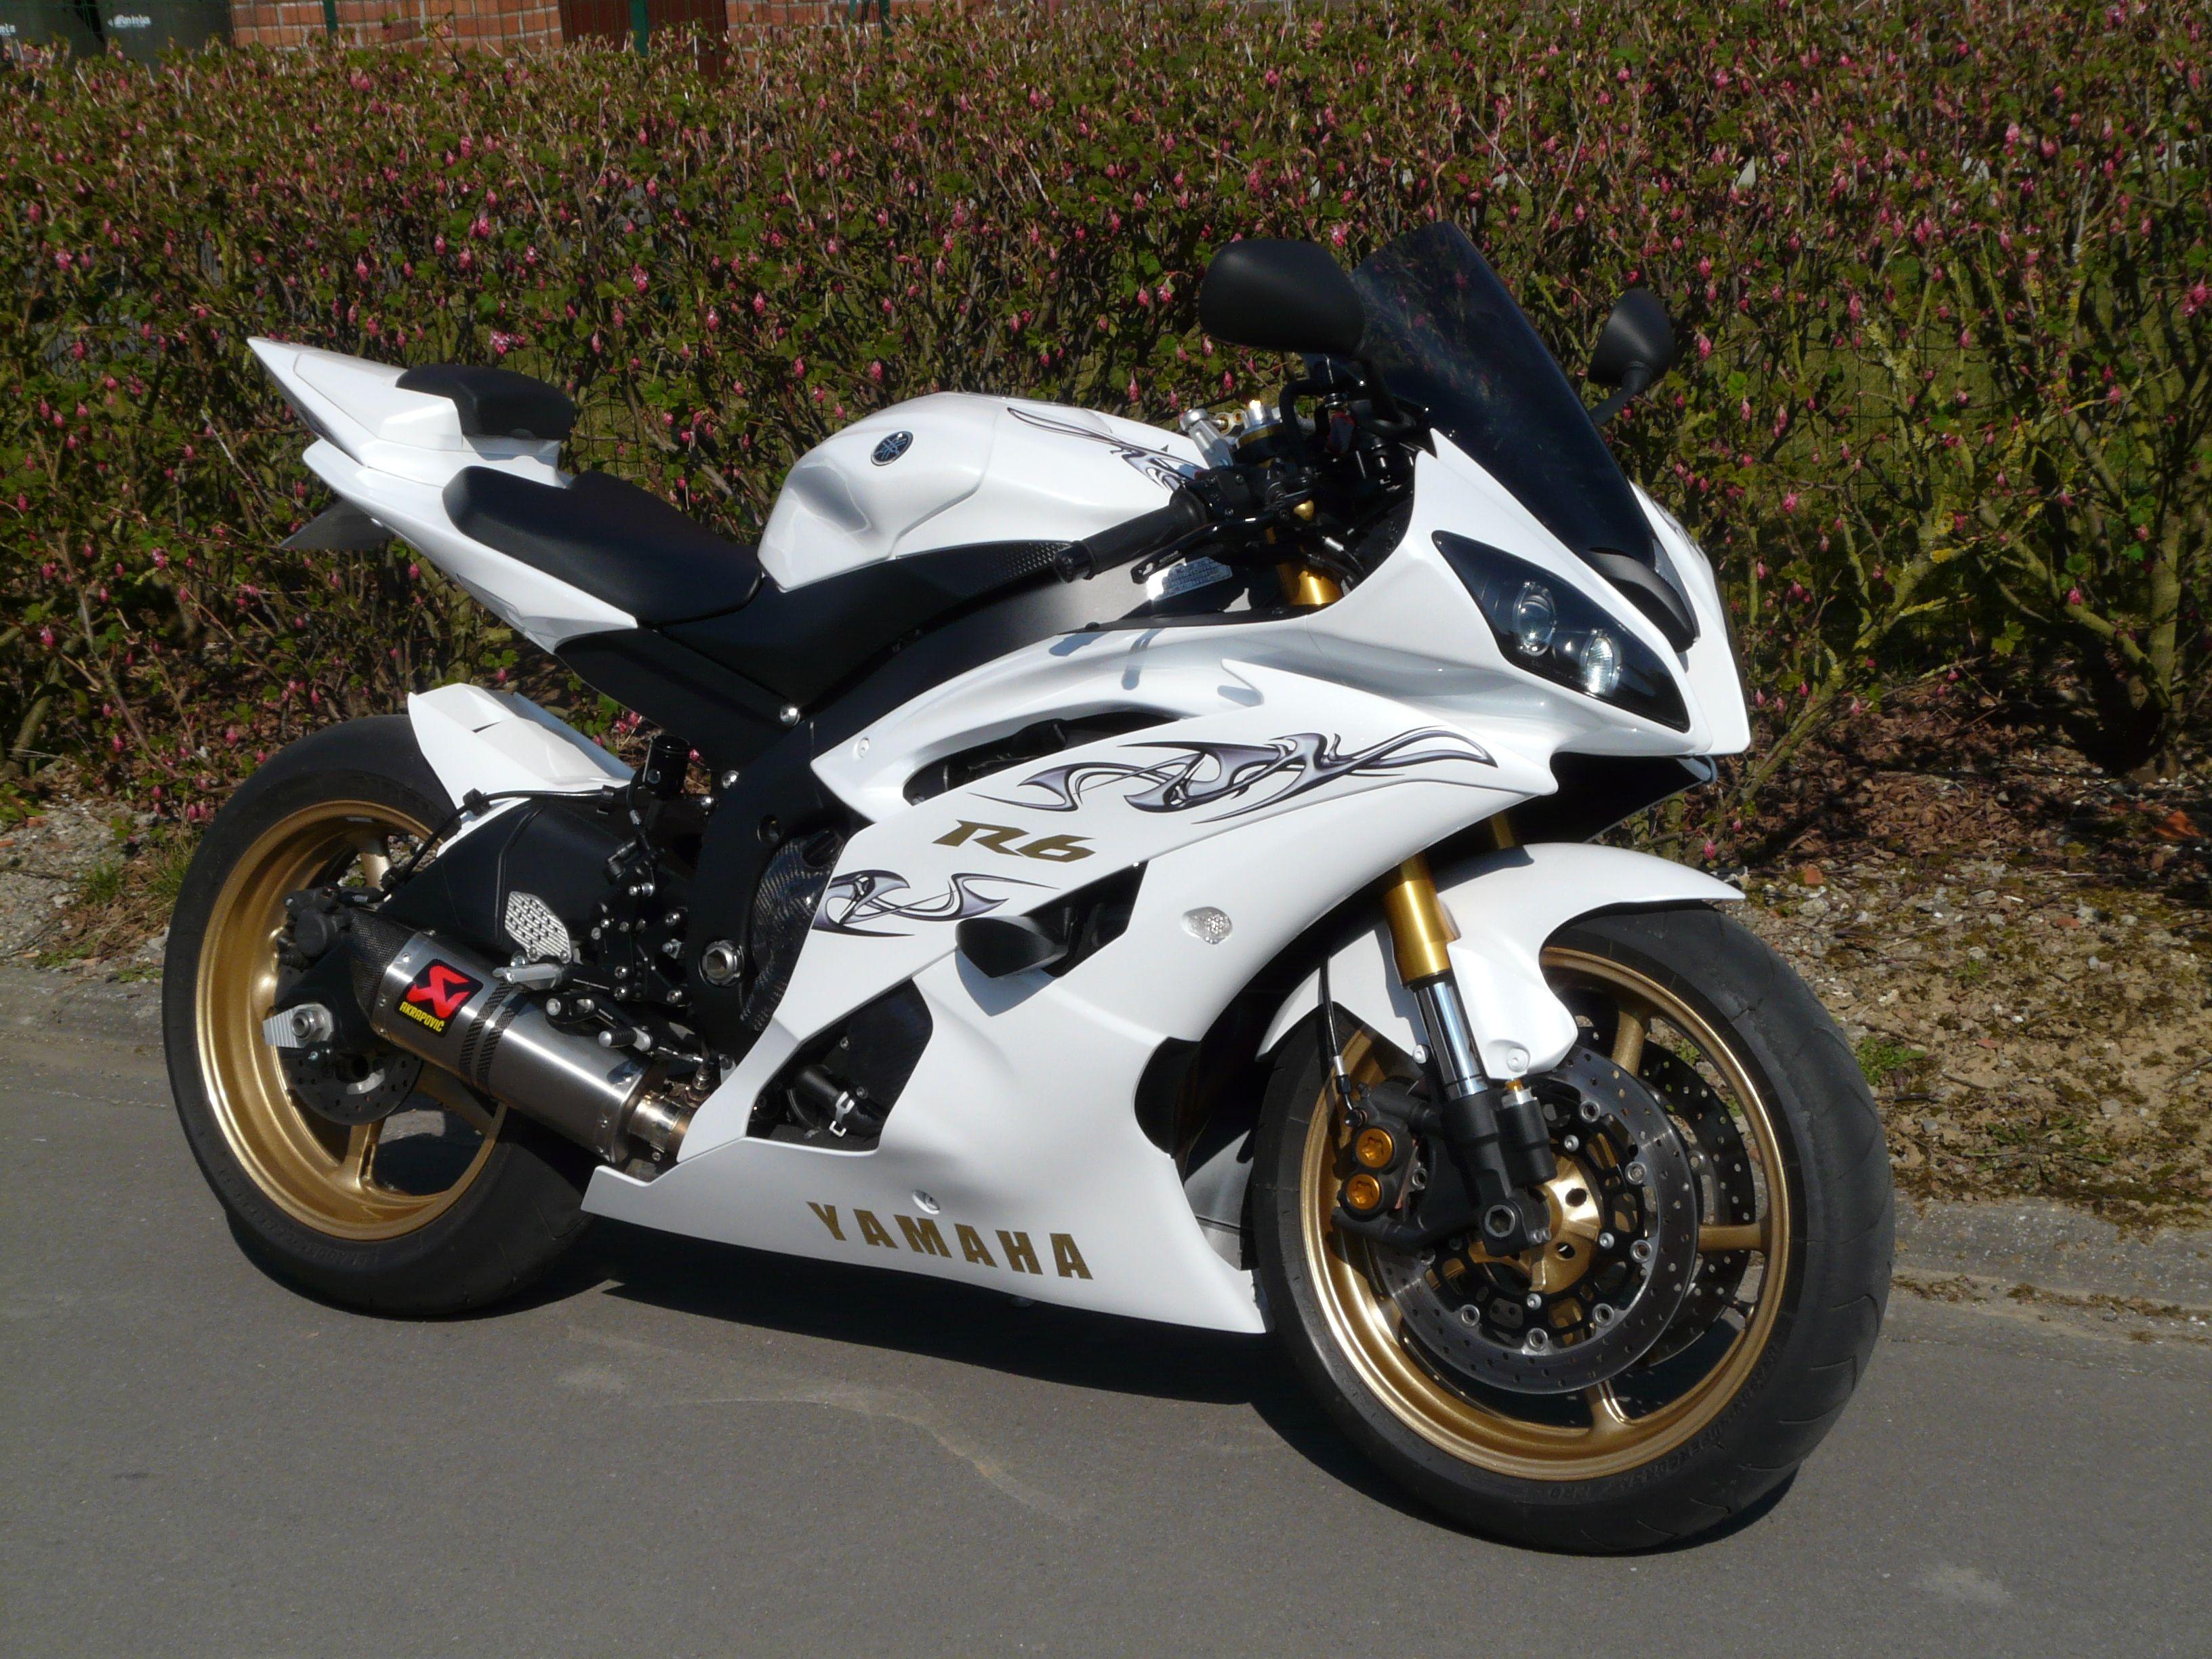 yamaha r6 white dreams yamaha r6 racing and bikes yamaha r6 white